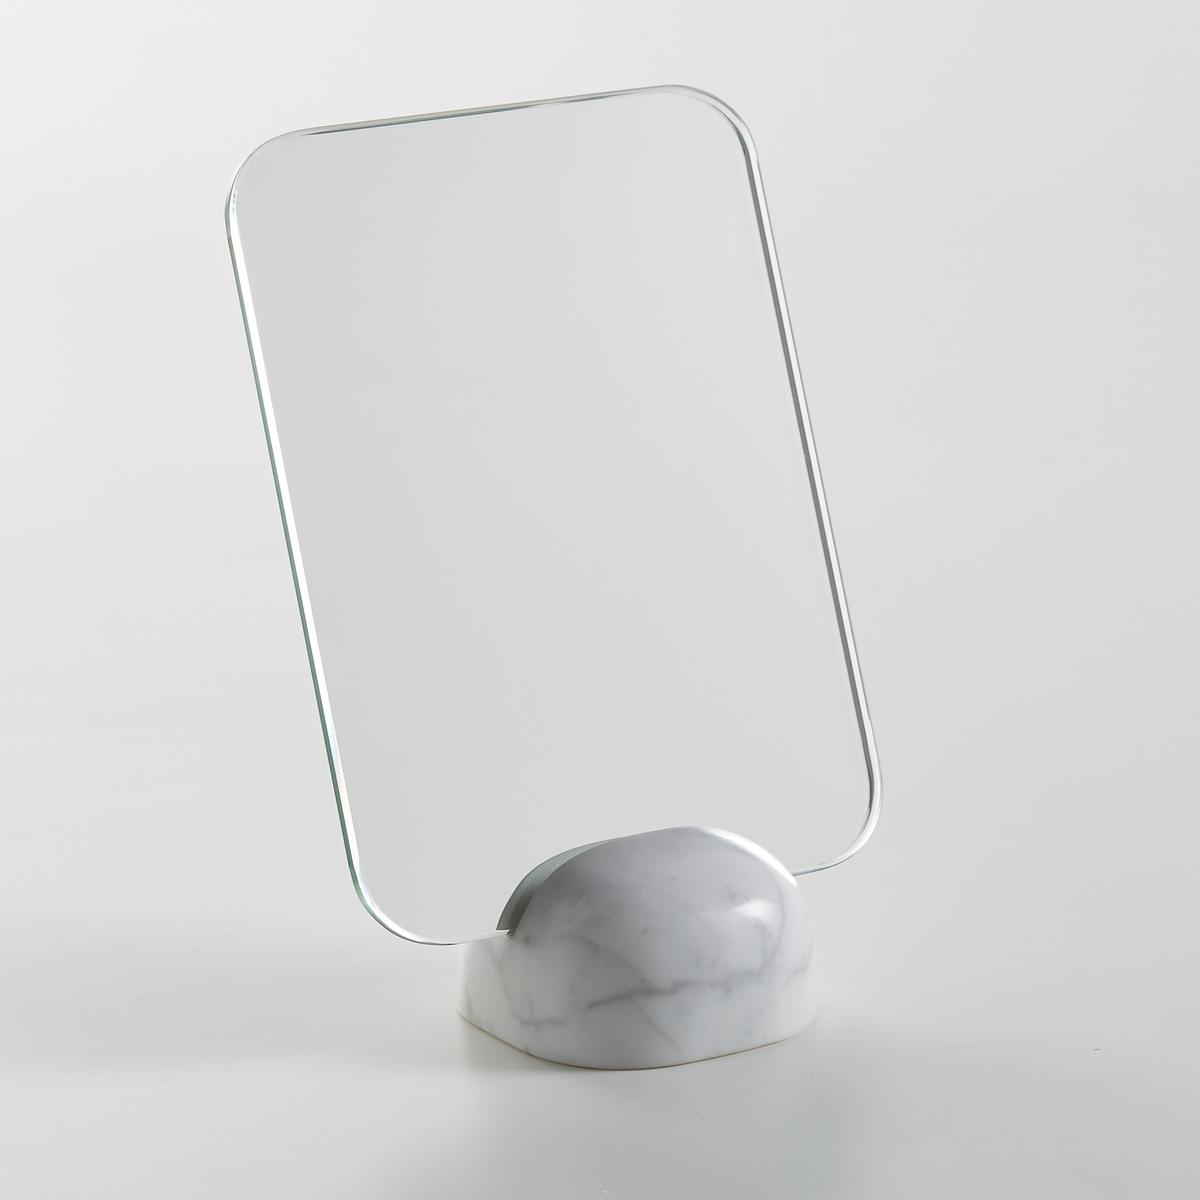 Зеркало на мраморном основании, В.20 см, BarbieriЗеркало Barbieri. Элегантное строгое зеркало будет отлично смотреться на комоде или туалетном столике. Прямоугольное зеркало на мраморном основании. Размеры  : Ш.15 x В.20 x Г.7 см.<br><br>Цвет: белый мрамор